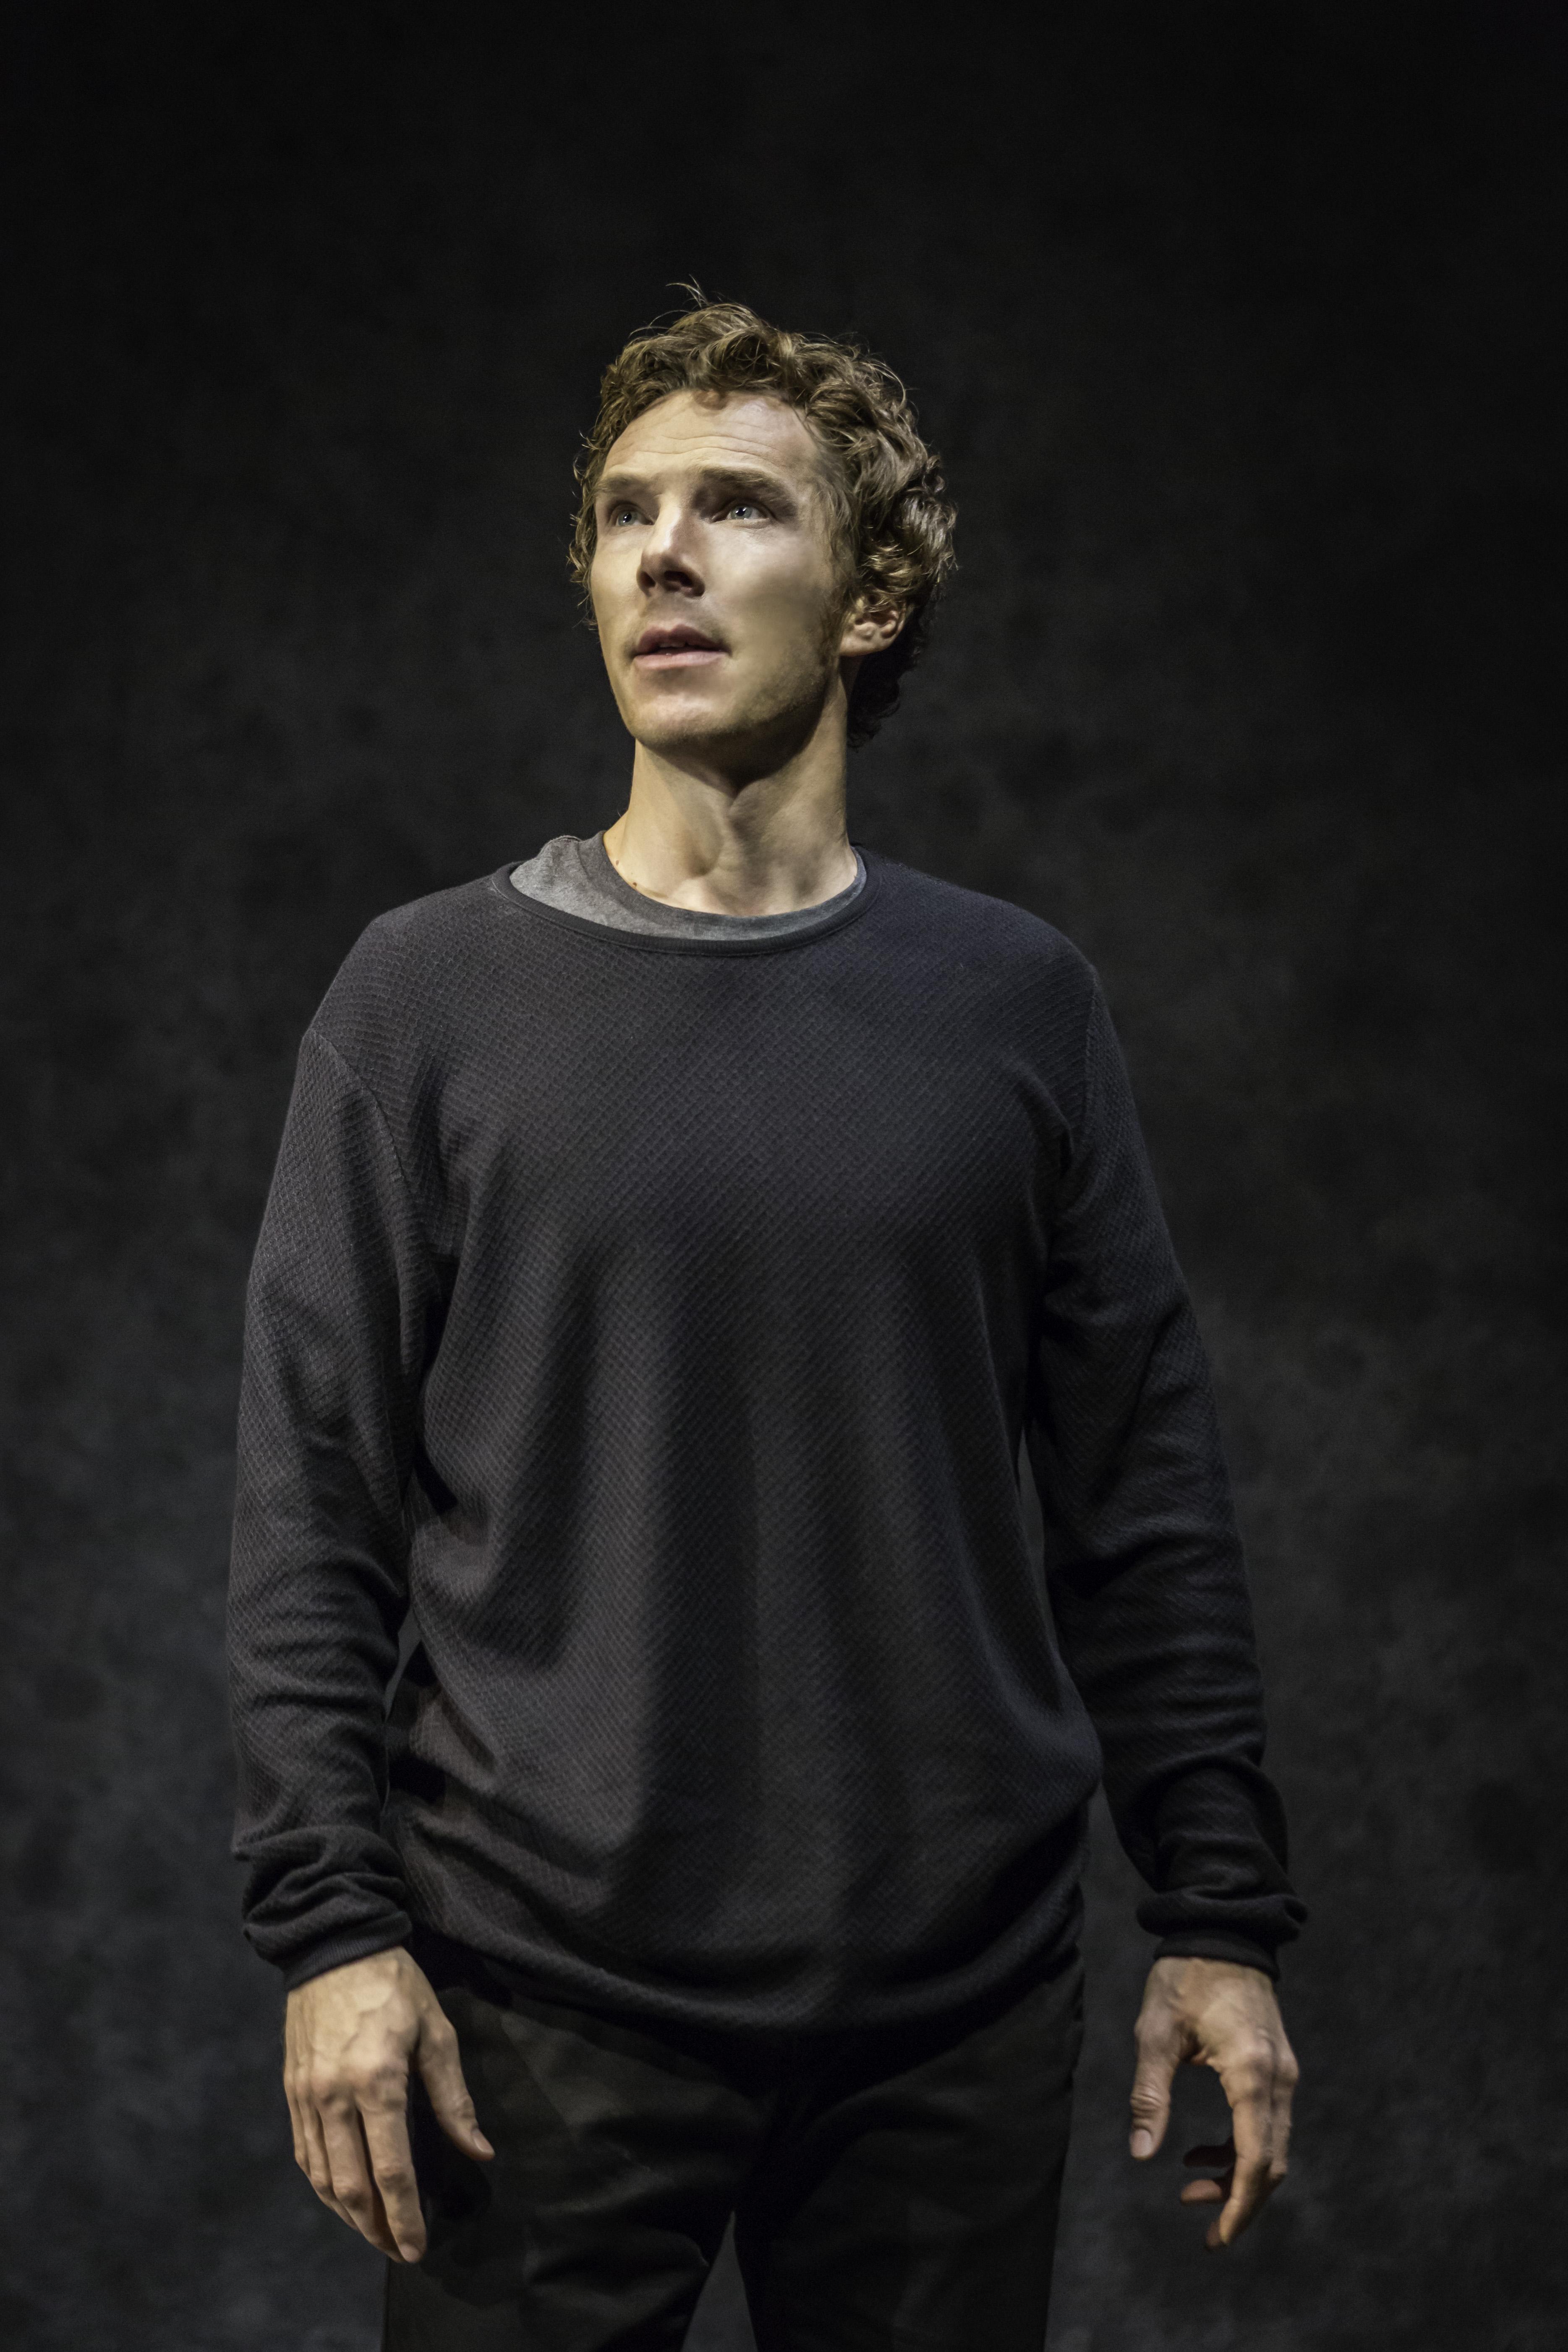 Benedict Cumberbatch 2016 Imię i nazwisko Benedict Timothy Carlton Cumberbatch Data i miejsce urodzenia 19 lipca 1976 Londyn Zawód aktor producent filmowy